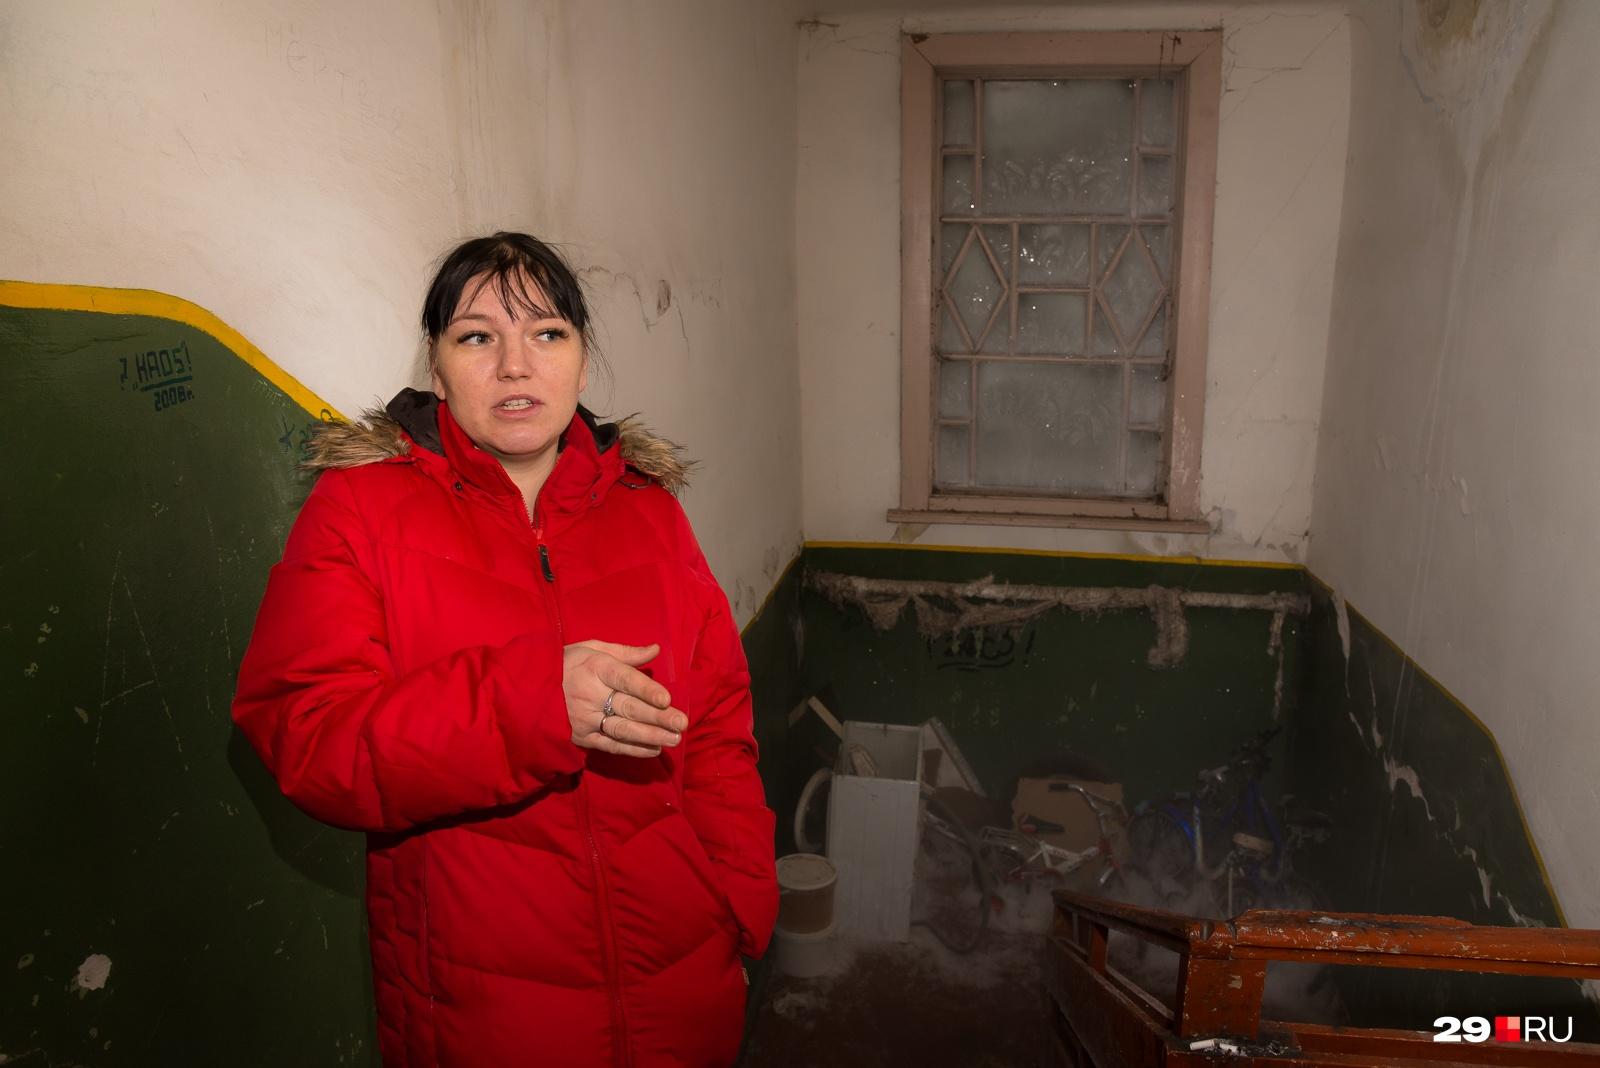 Нам открывает дверь Мария Митькина, мать четверых детей. Она живет тут с 1993 года